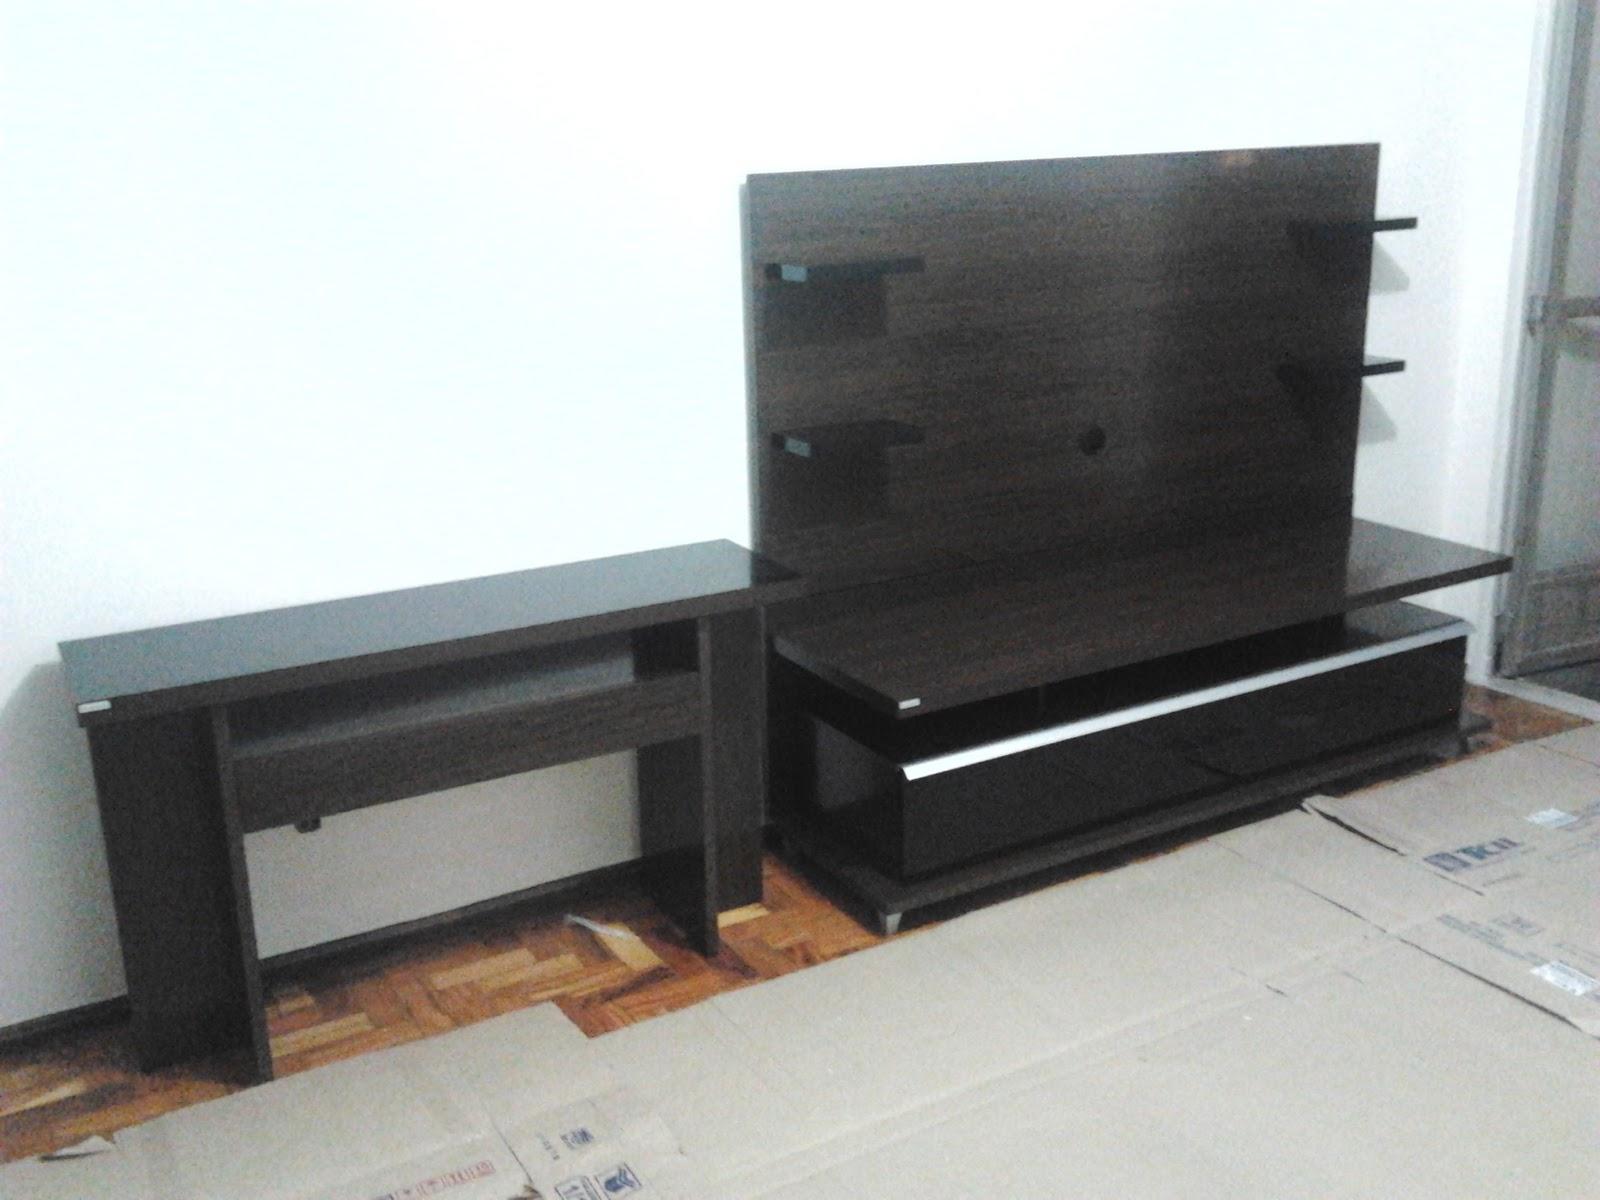 Rack e aparador da Rudnick e sofá da Cine Estofados (Modelo Cine  #856146 1600x1200